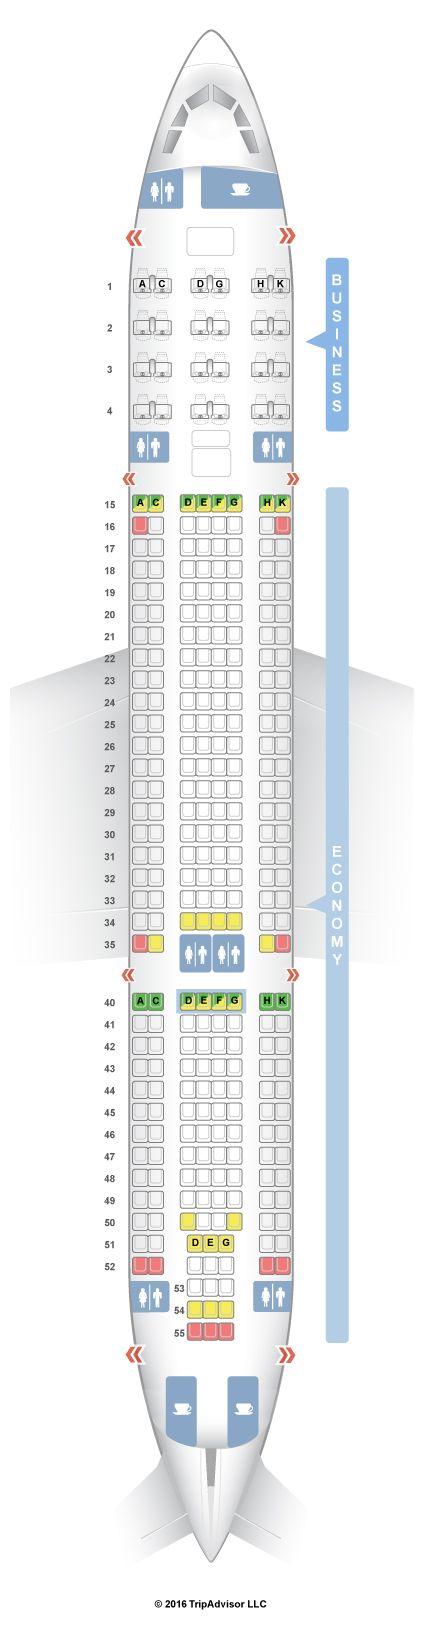 SeatGuru Seat Map Air Europa Airbus A330-200 (332)